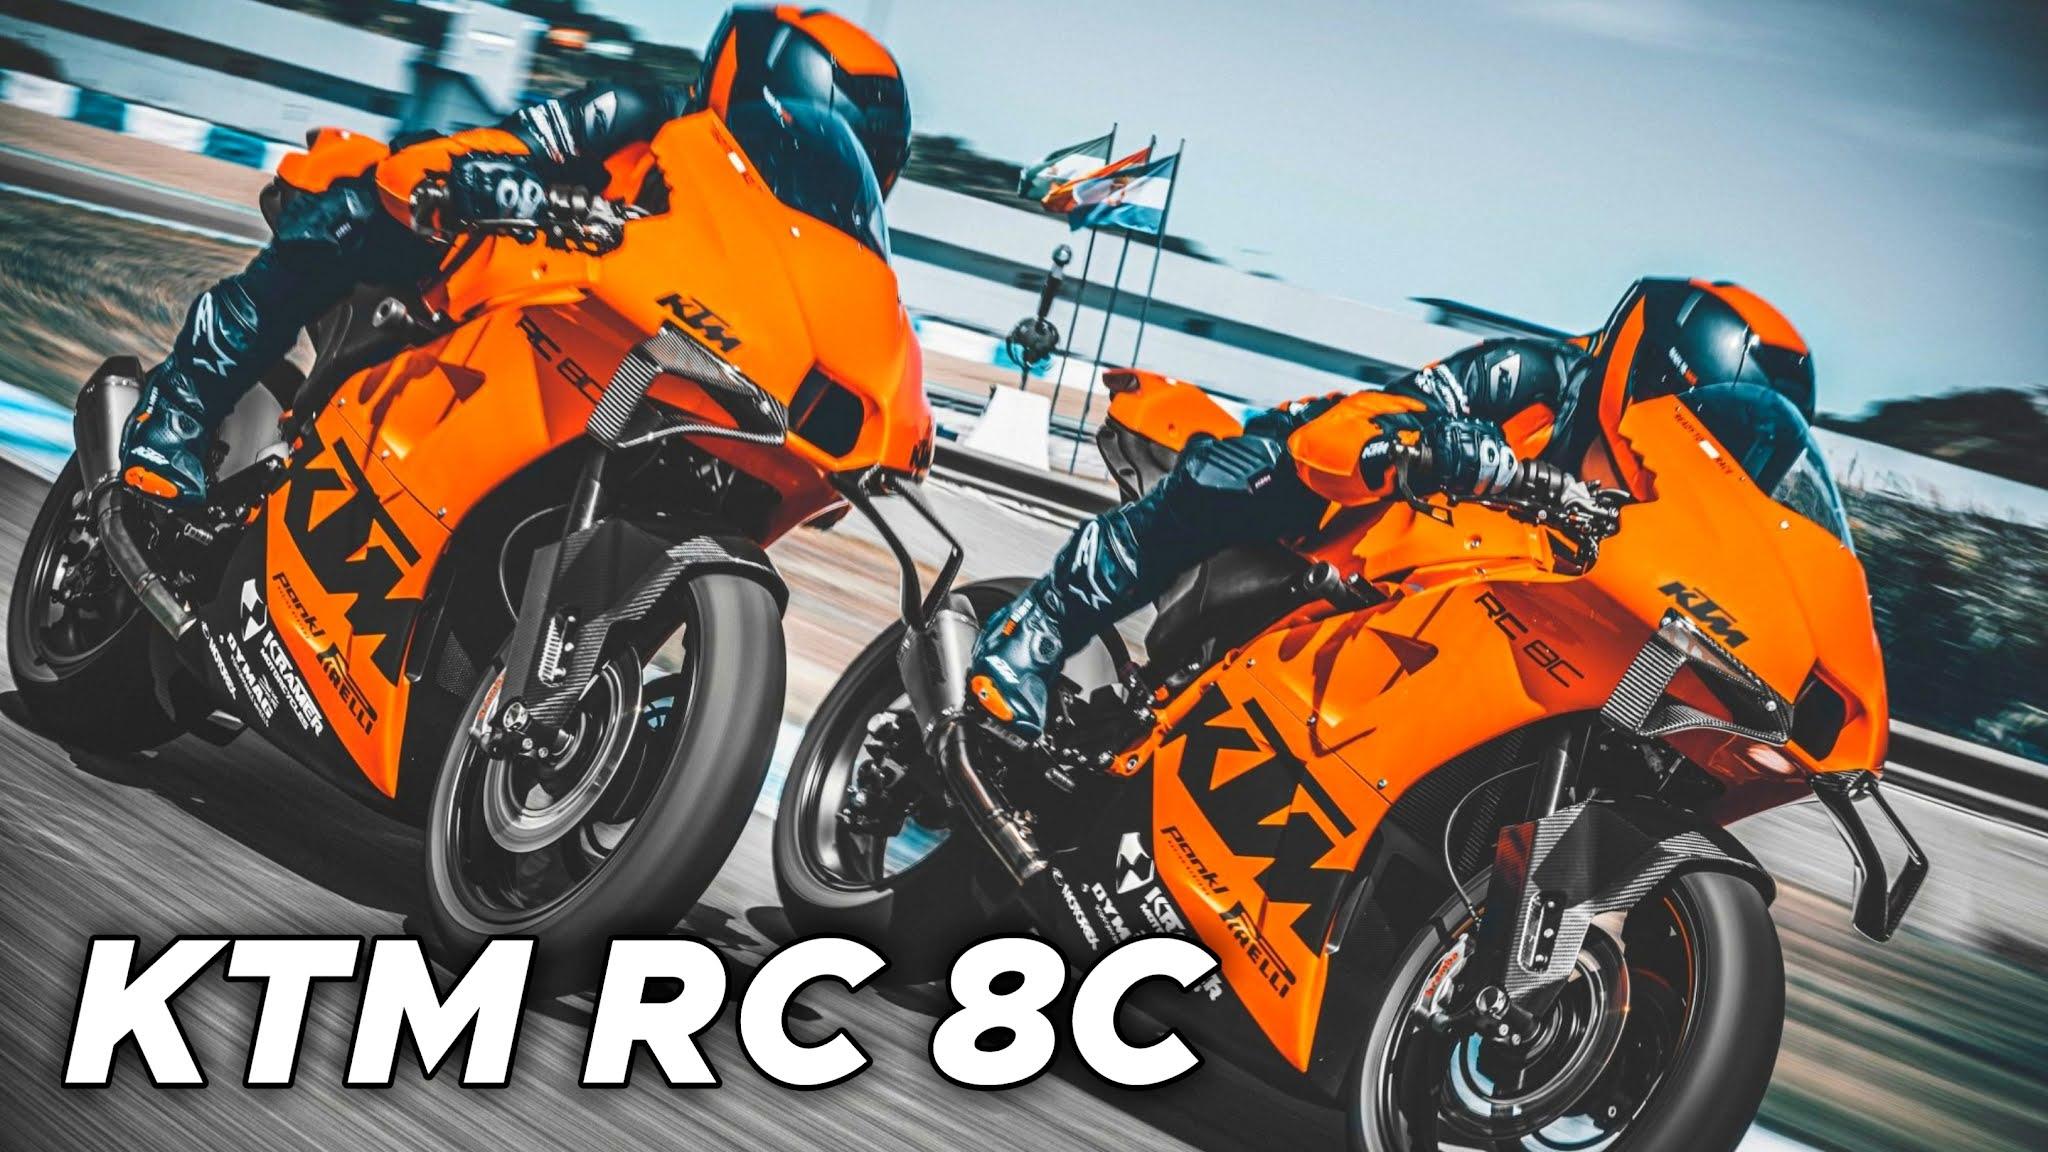 2022ktmrc8c,ktm rc 8c,2021 ktm rc 8c, ktm rc 8c video,ktm rc 8c official video, ktm rc 8c specification, ktm rc 8c race track, ktm rc 8c review, ktm rc 8c